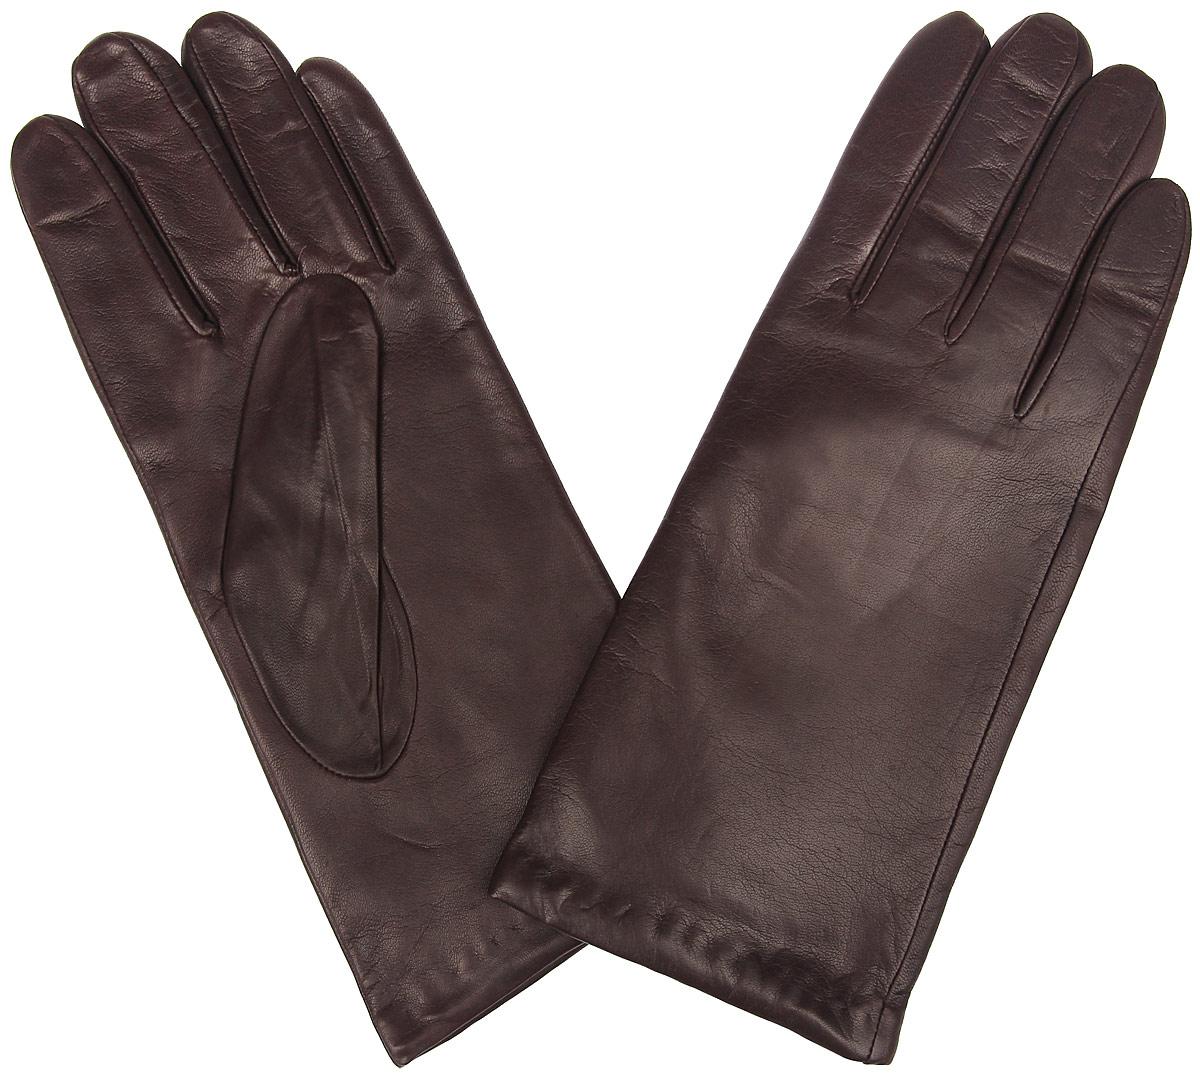 Перчатки женские. IS0190IS0190Стильные женские перчатки Eleganzza не только защитят ваши руки от холода, но и станут великолепным украшением. Перчатки выполнены из натуральной кожи ягненка, подкладка - из 100% искусственного шелка. В настоящее время перчатки являются неотъемлемой принадлежностью одежды, вместе с этим аксессуаром вы обретаете женственность и элегантность. Перчатки станут завершающим и подчеркивающим элементом вашего стиля и неповторимости.